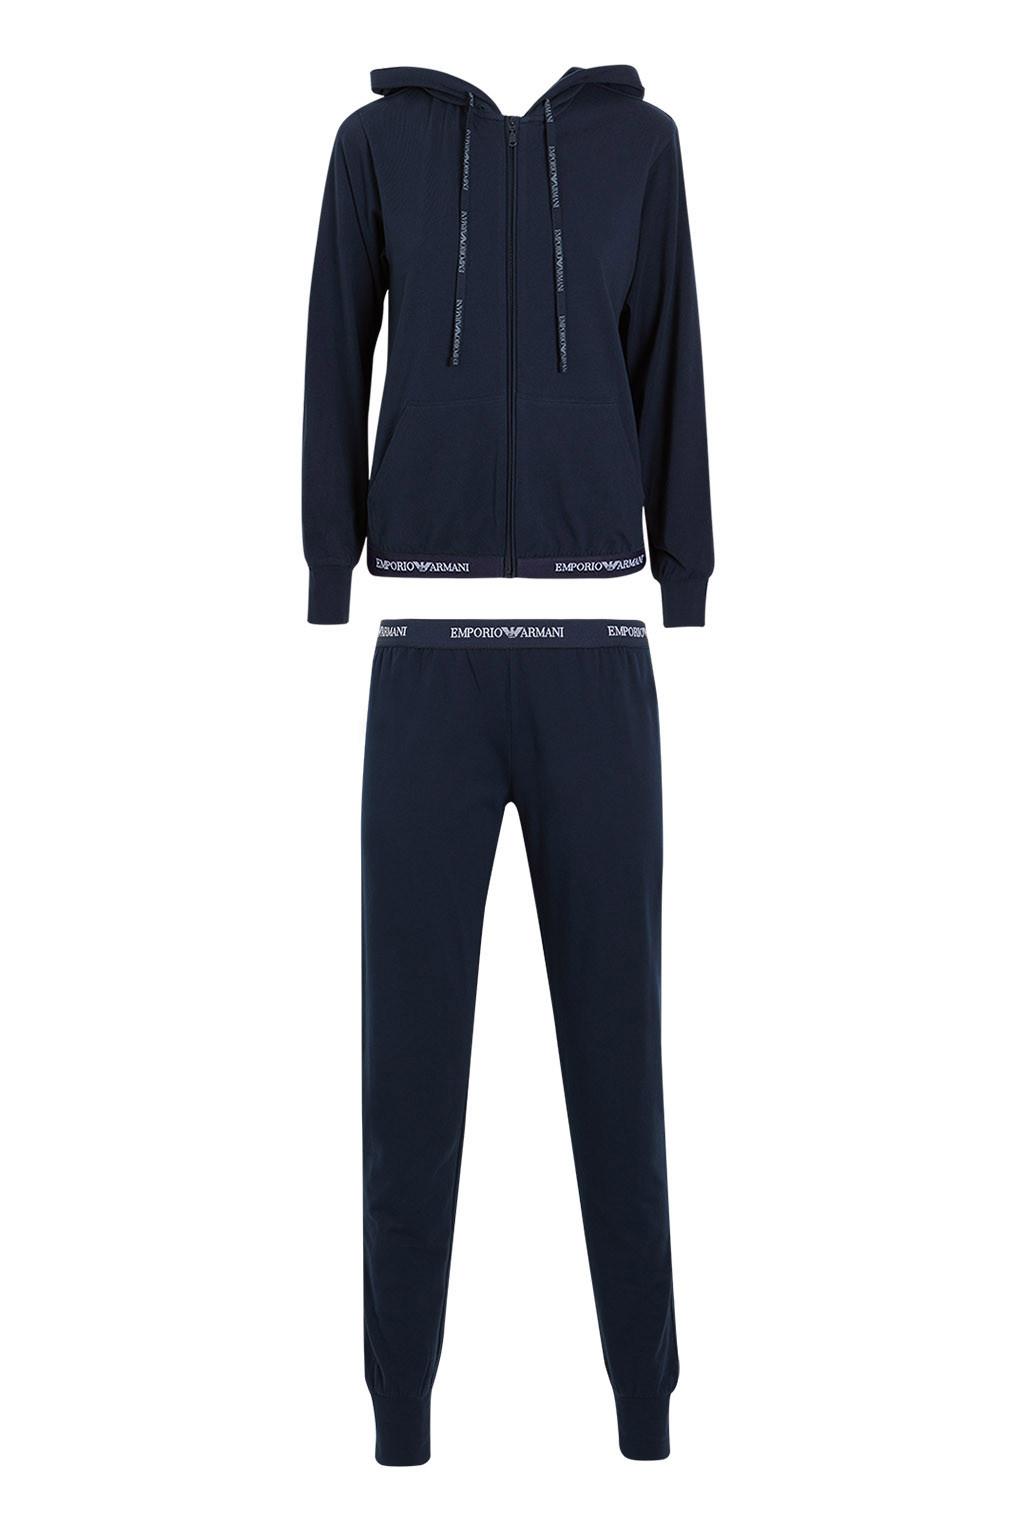 Dámské pyžamo 164145 CC270 00135 modrá - Emporio Armani modrá L